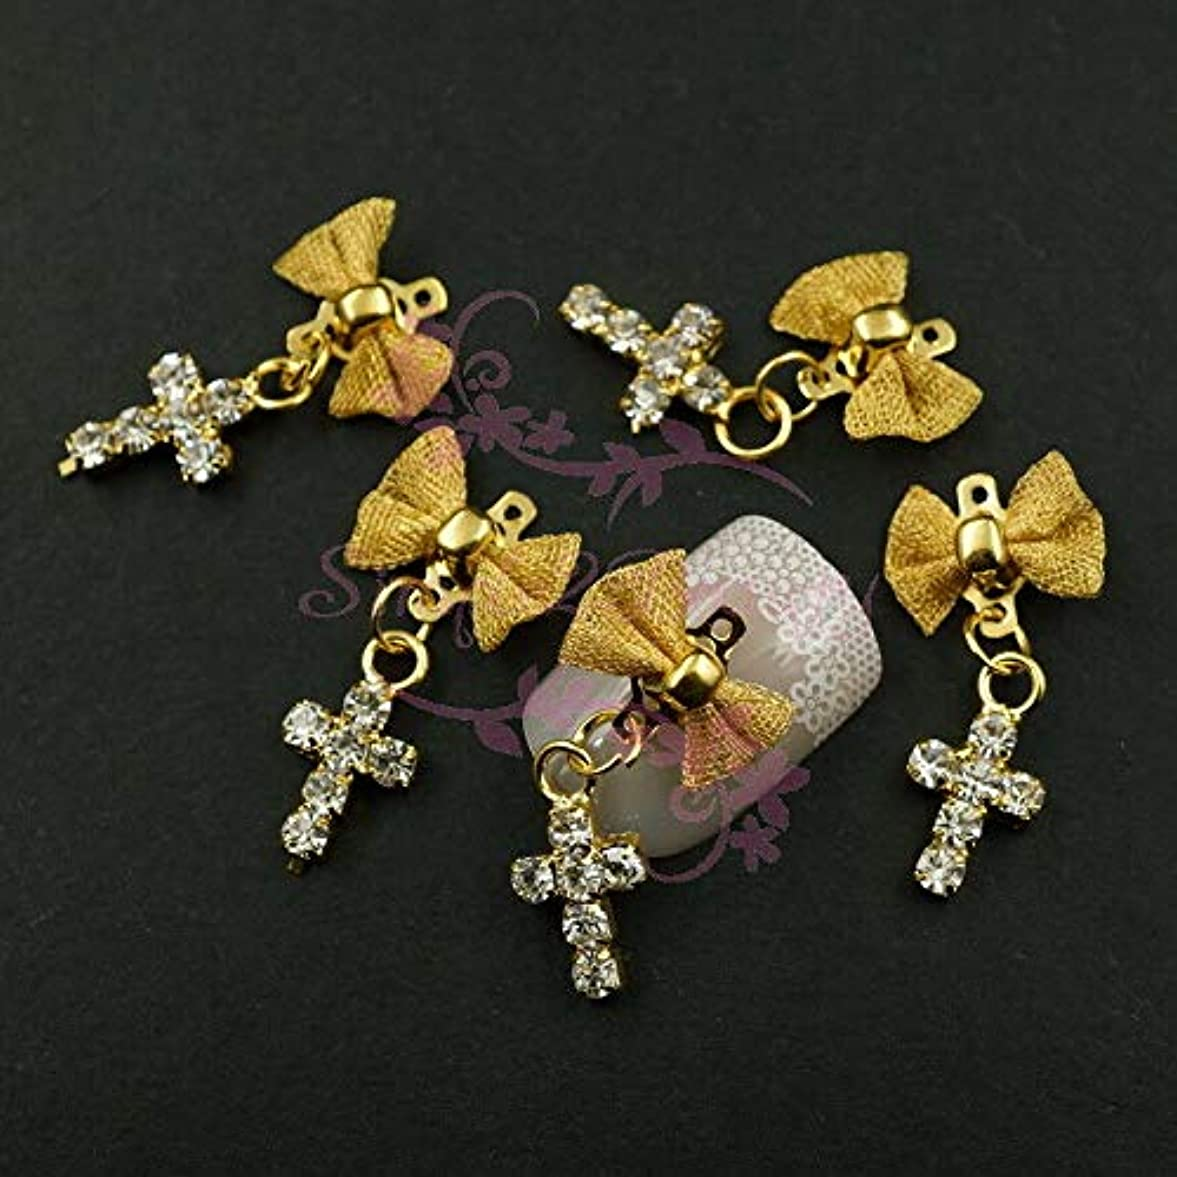 サーフィンペインギリック三角FidgetGear 20金属メッシュ弓ブラブラクロスクリアラインストーンの装飾ネイルアート合金チャーム ゴールド